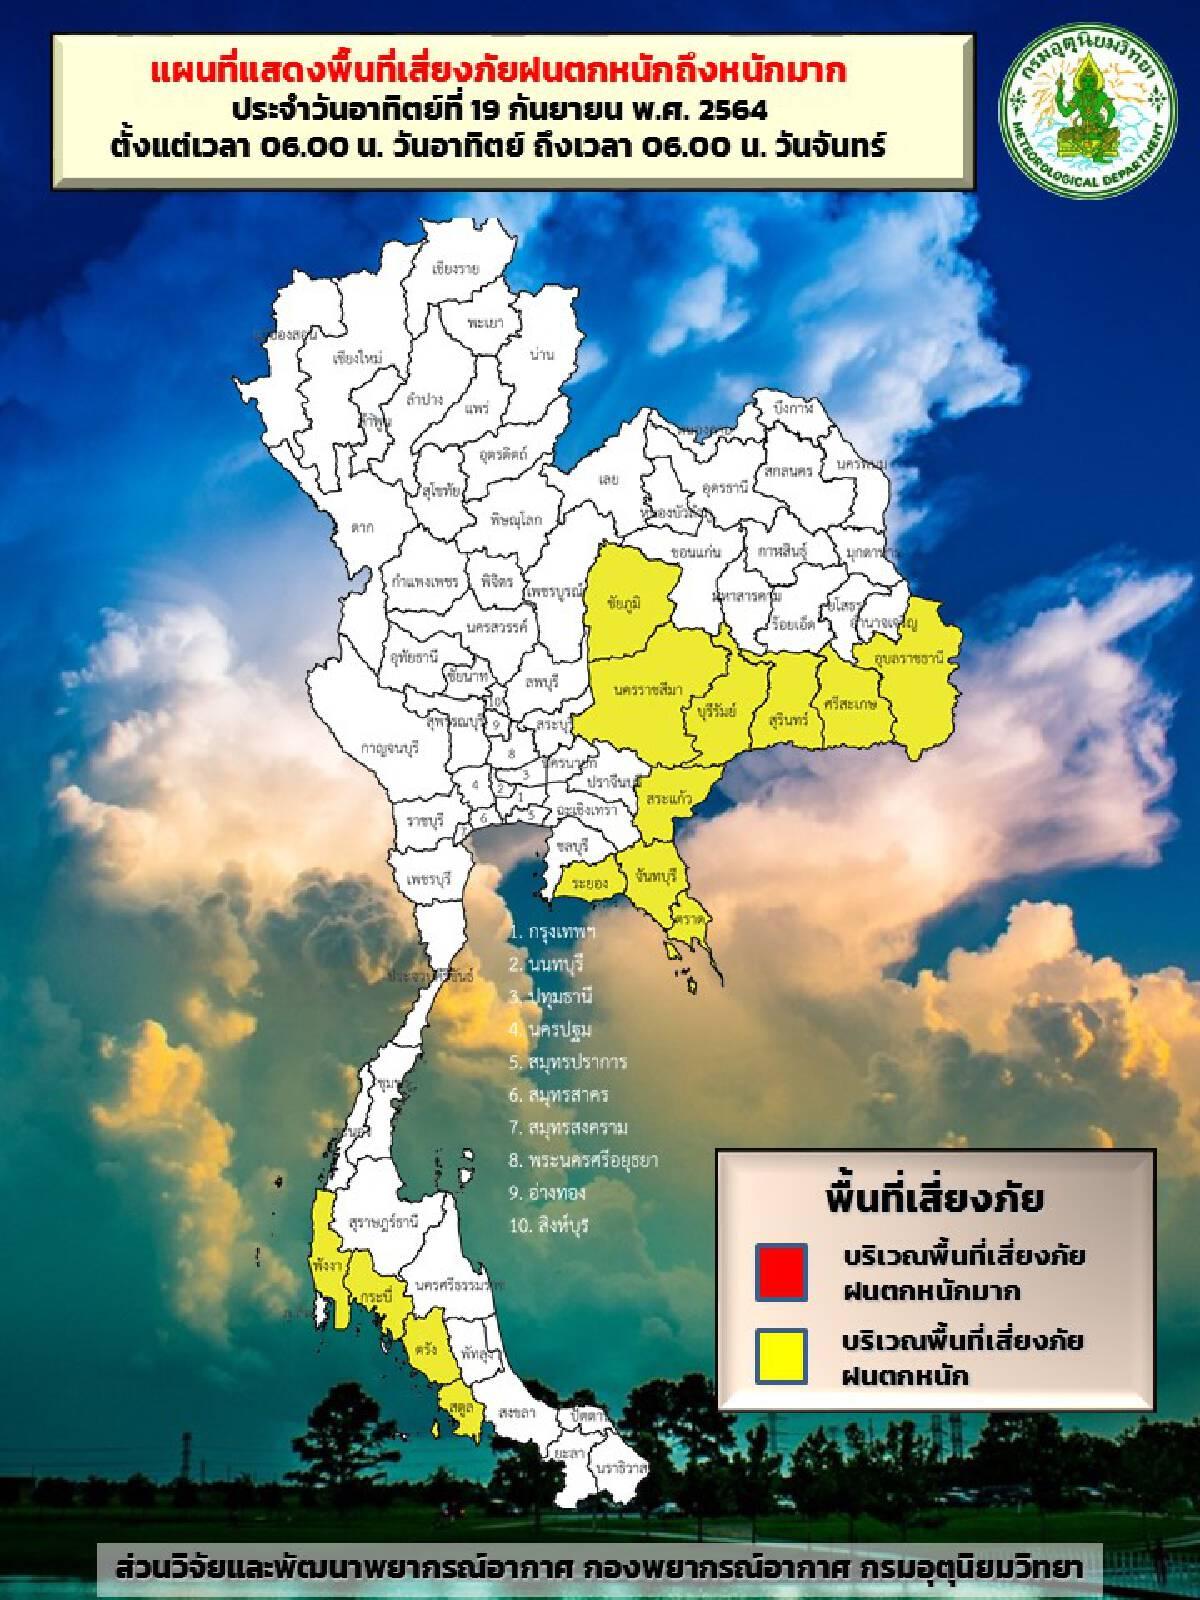 สภาพอากาศวันนี้ ทั่วไทยมีฝนฟ้าคะนอง อีสาน-ตอ.-ใต้ฝั่งตต. ตกหนักบางแห่ง